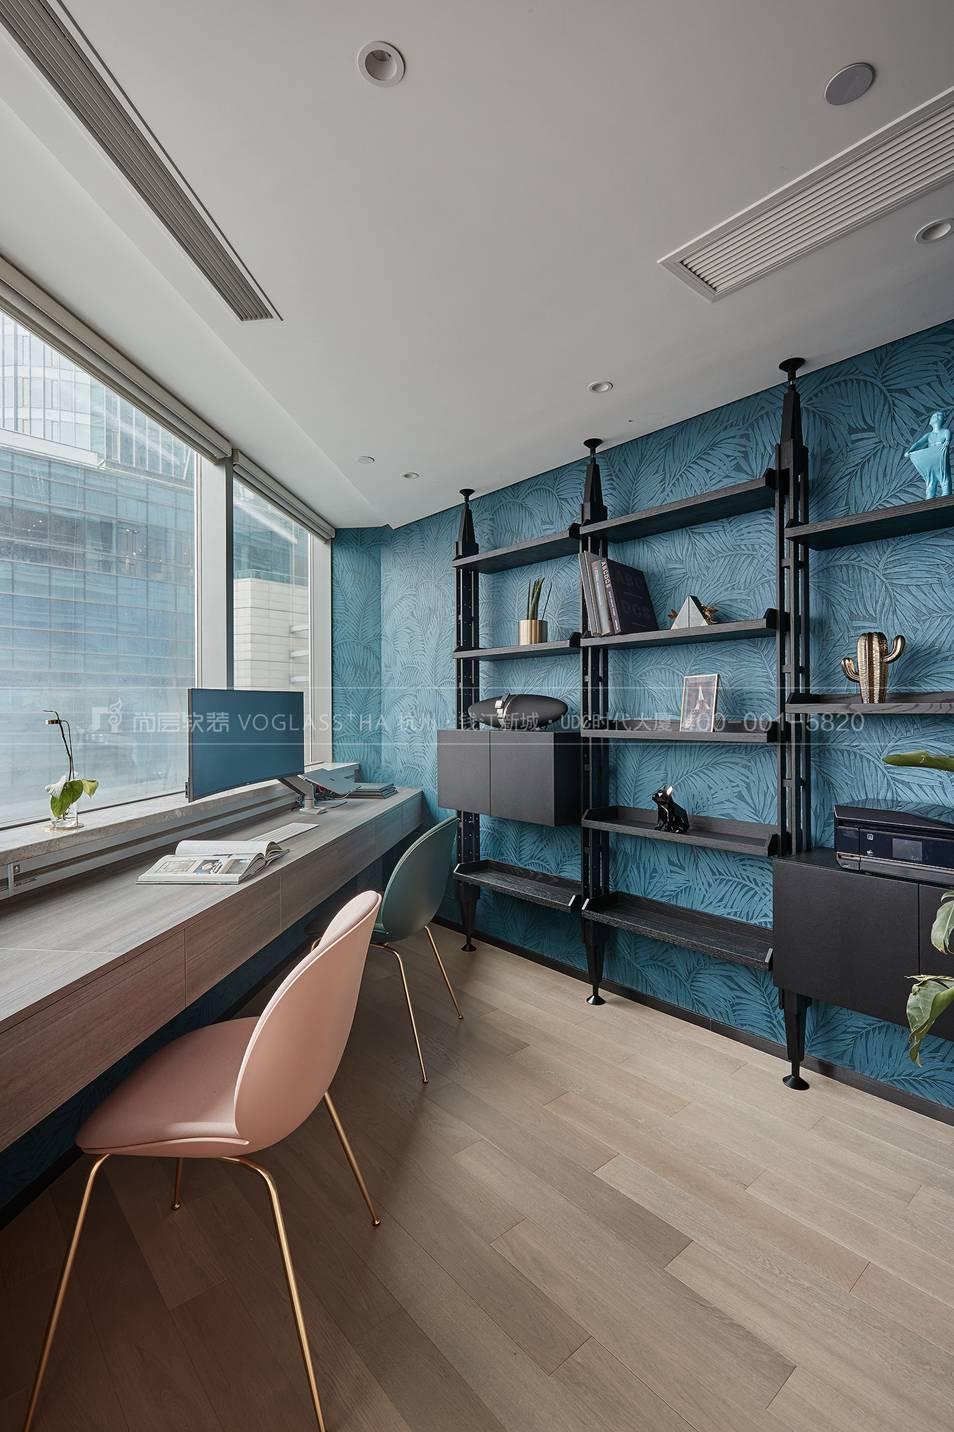 書房軟裝設計-現代風格軟裝實景圖-杭州尚層軟裝